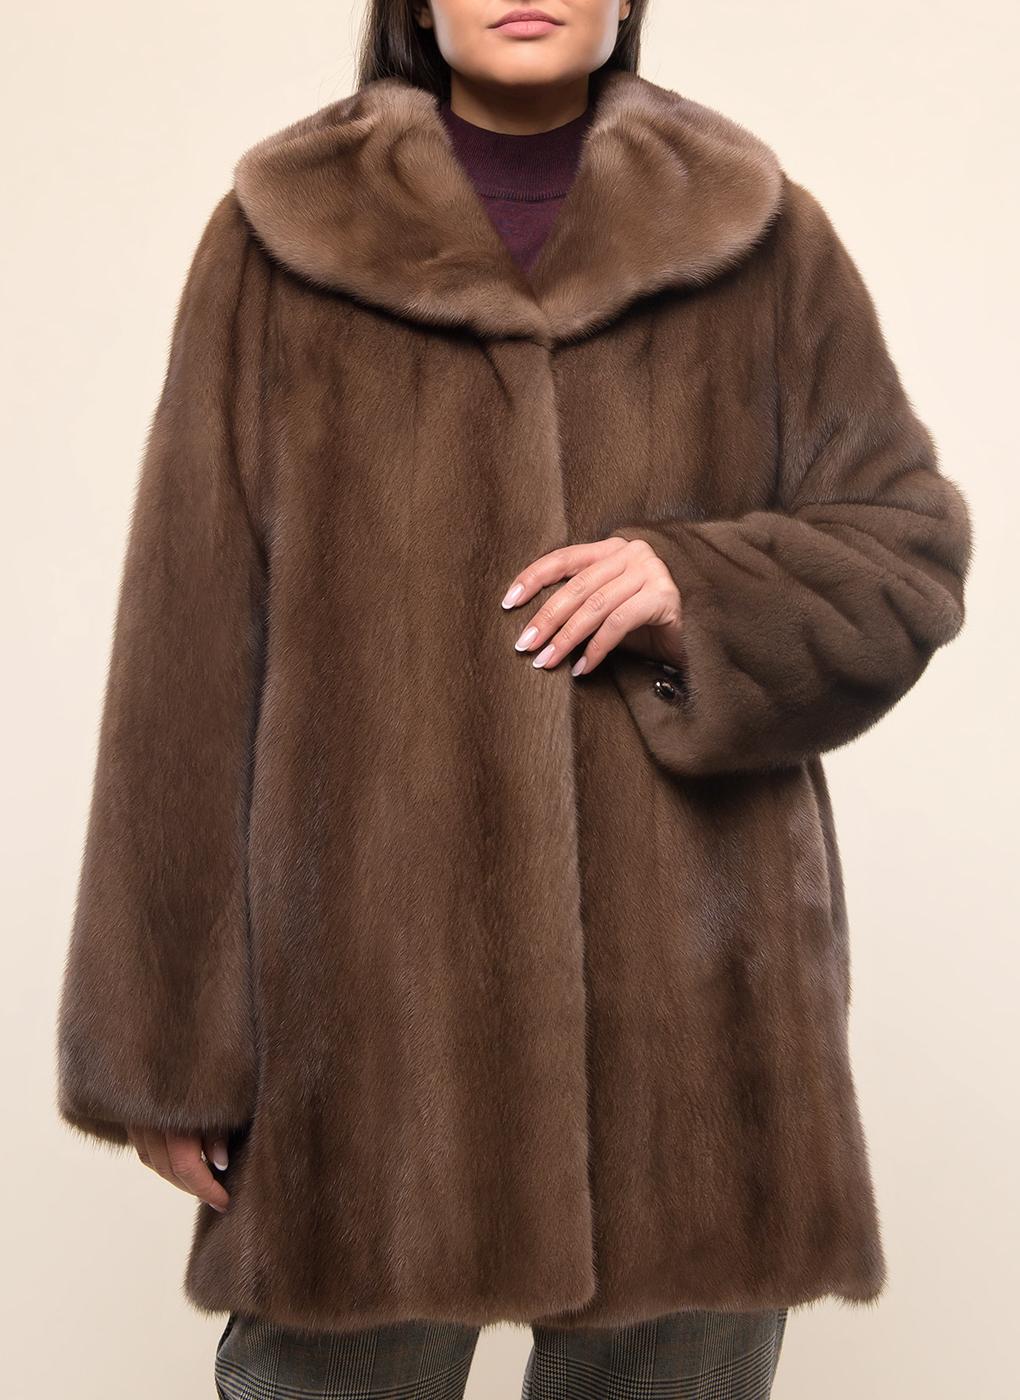 Норковая куртка Автоледи 01, Метелица Юга